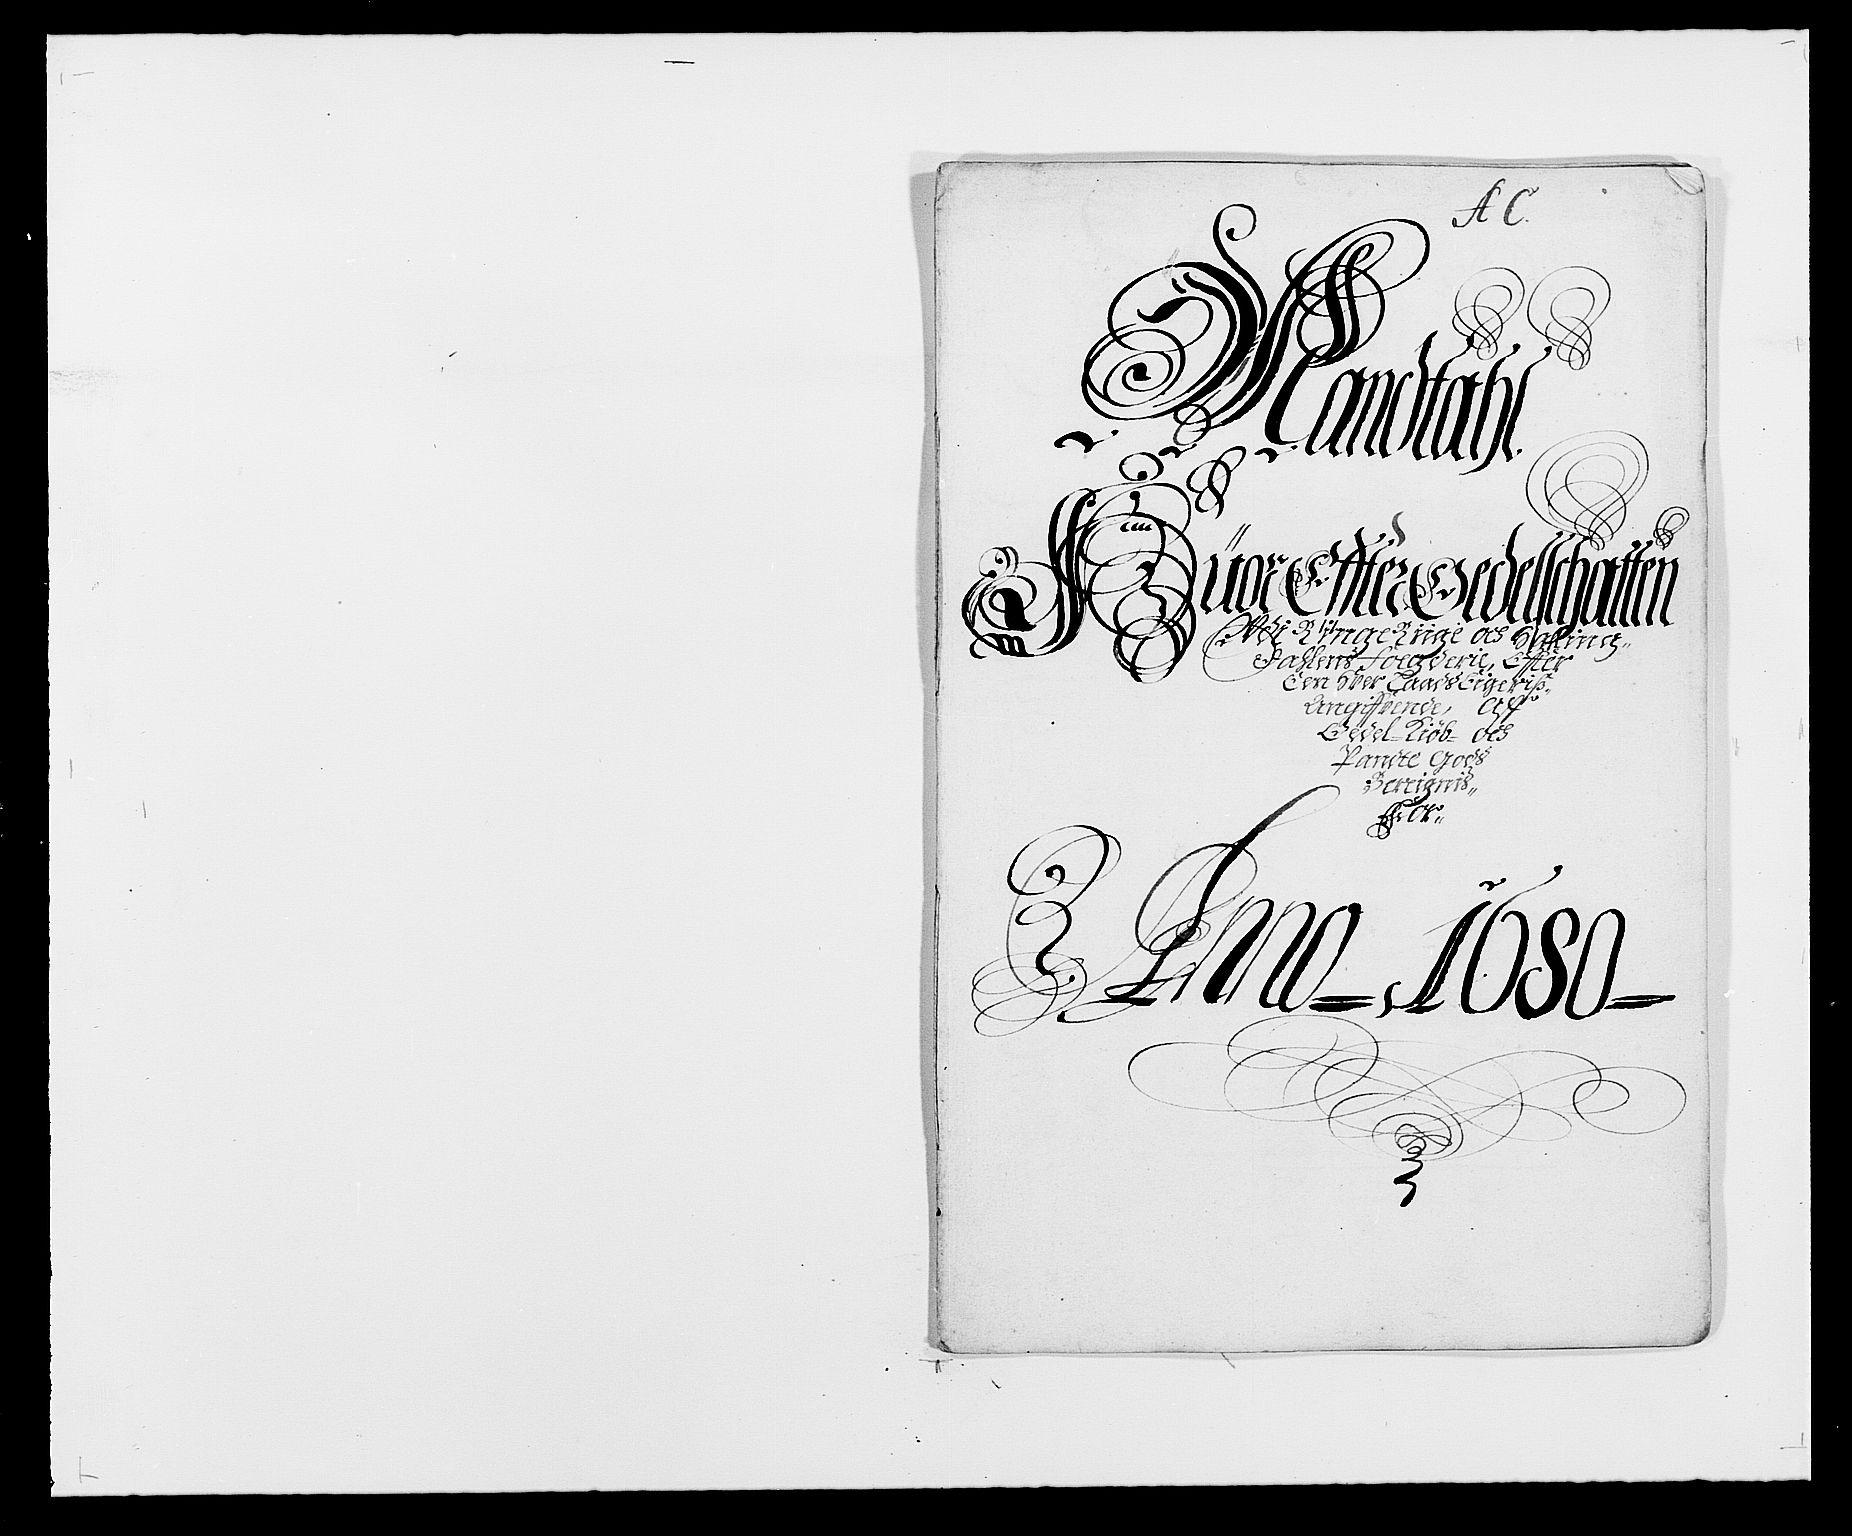 RA, Rentekammeret inntil 1814, Reviderte regnskaper, Fogderegnskap, R21/L1444: Fogderegnskap Ringerike og Hallingdal, 1680-1681, s. 92